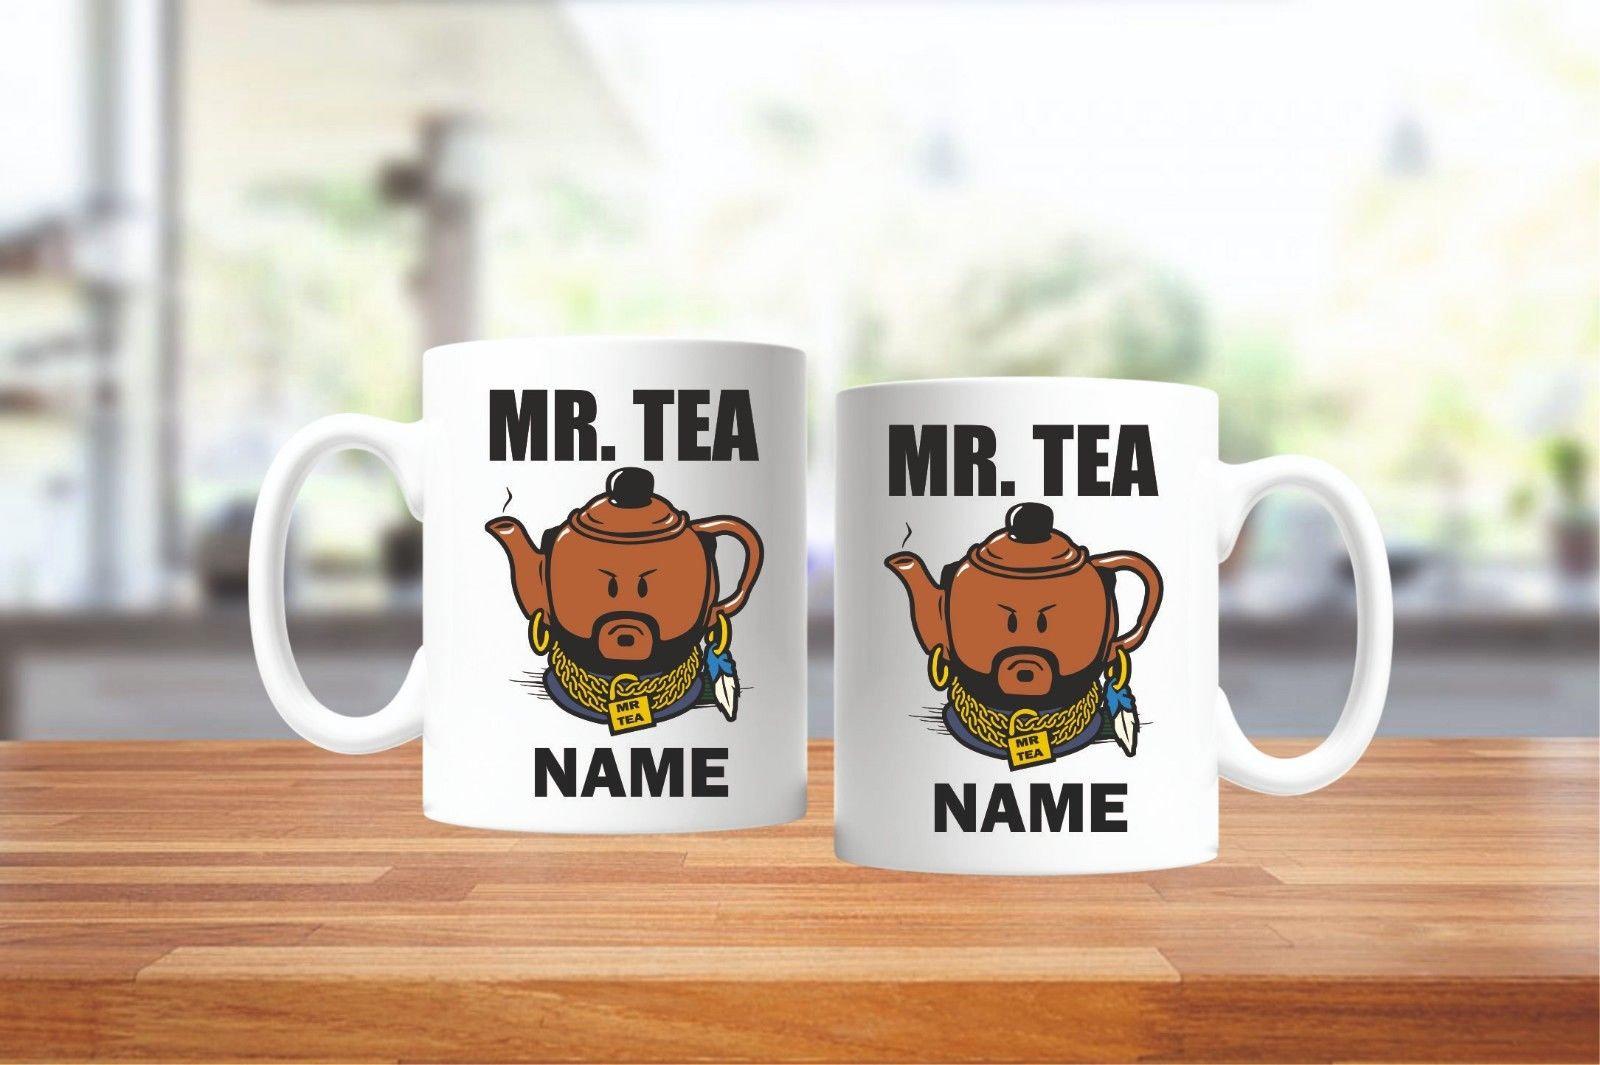 Personalised Mr. Tea Mug